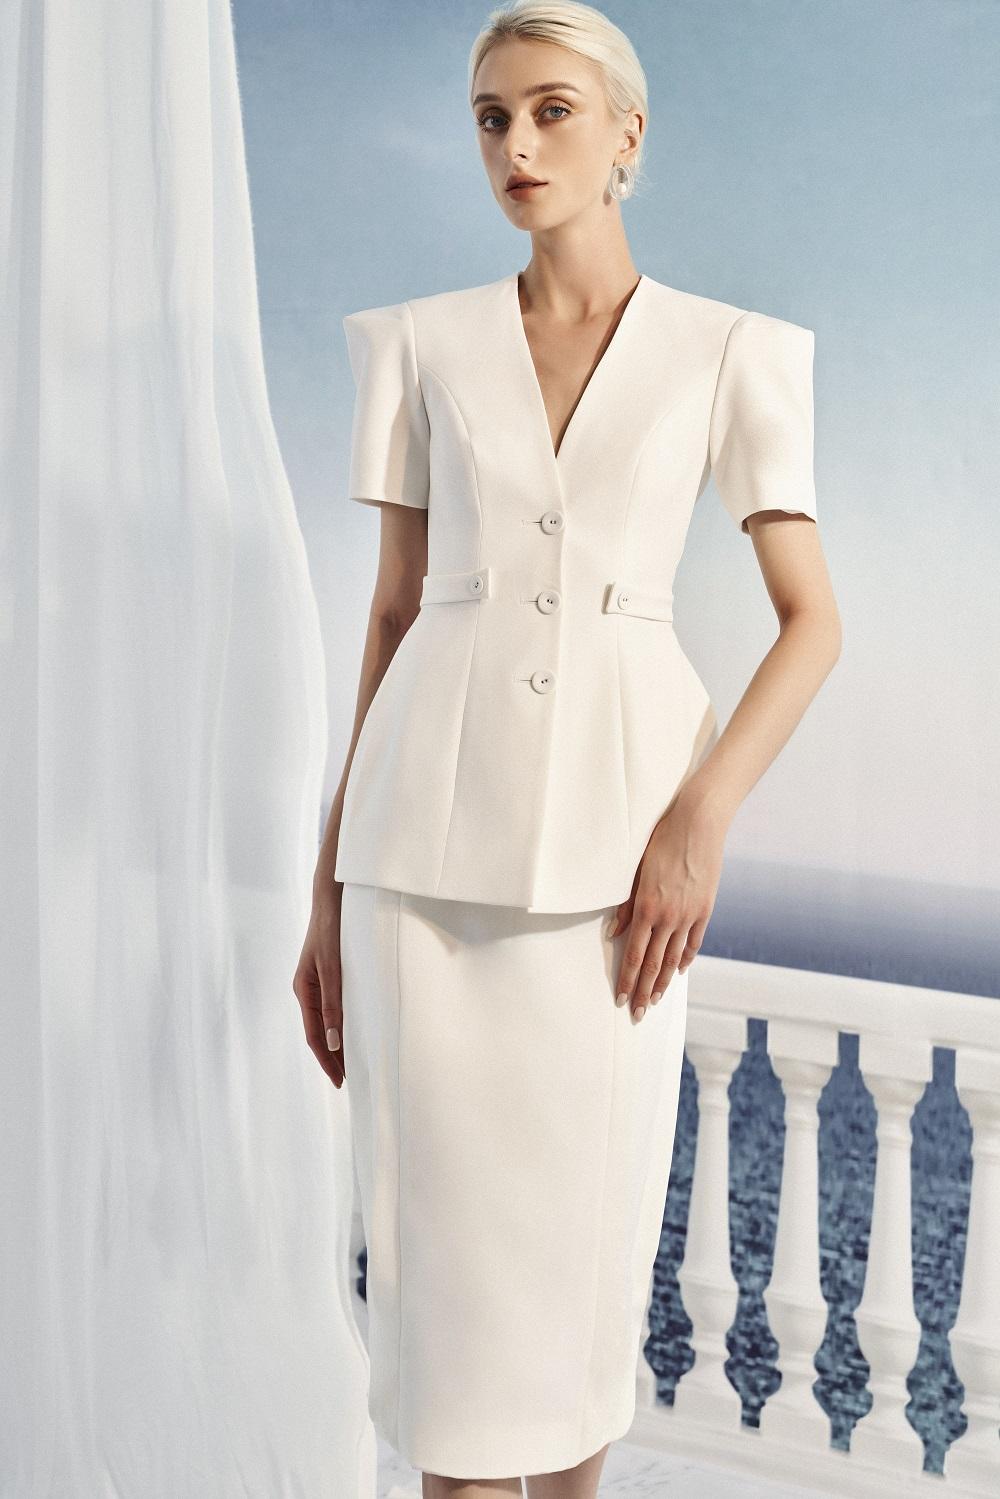 Cinque Terre lột tả diện mạo của nữ doanh nhân thời thượng, không ngừng tìm kiếm những phiên bản độc đáo của bản thân qua thời trang.